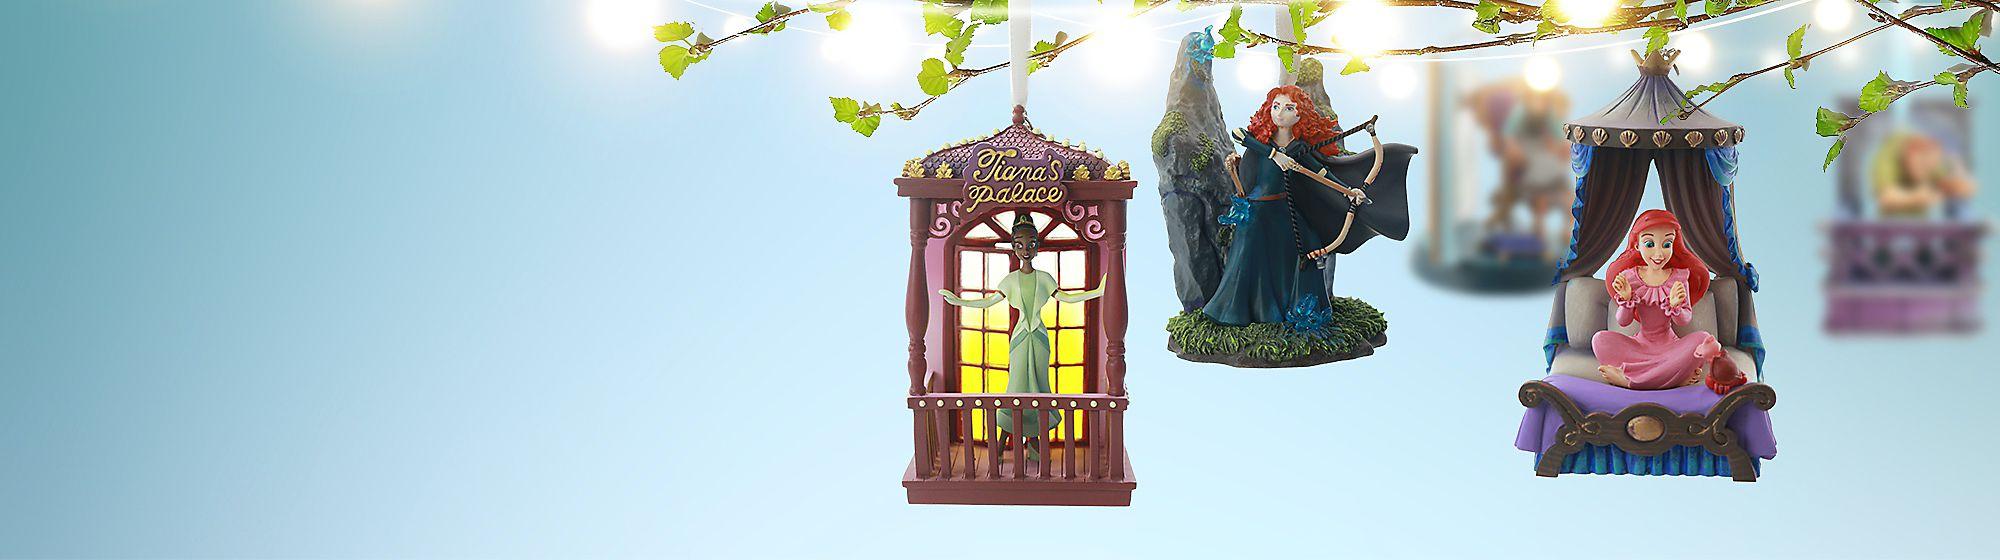 Ornements Pour une décoration magique, découvrez notre collection d'ornements Disney à l'effigie de Mickey, Star Wars ou encore Cendrillon !